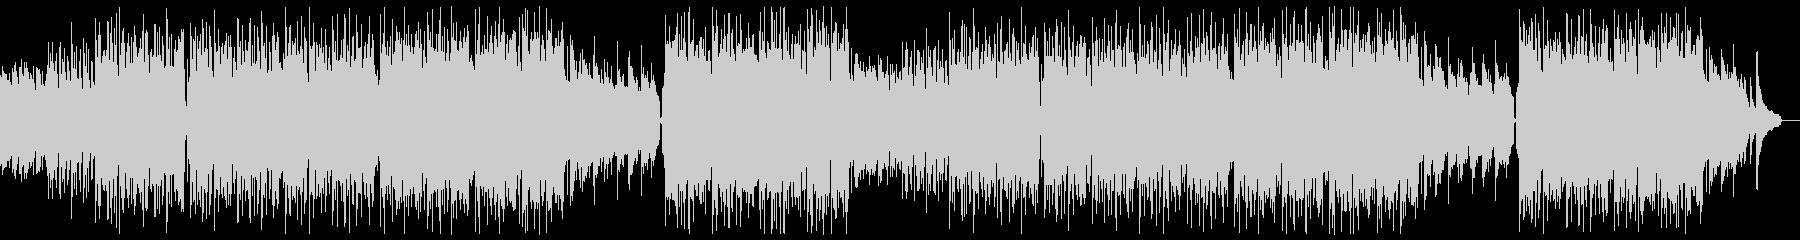 明るいピアノバイオリンポップ:フルx2の未再生の波形